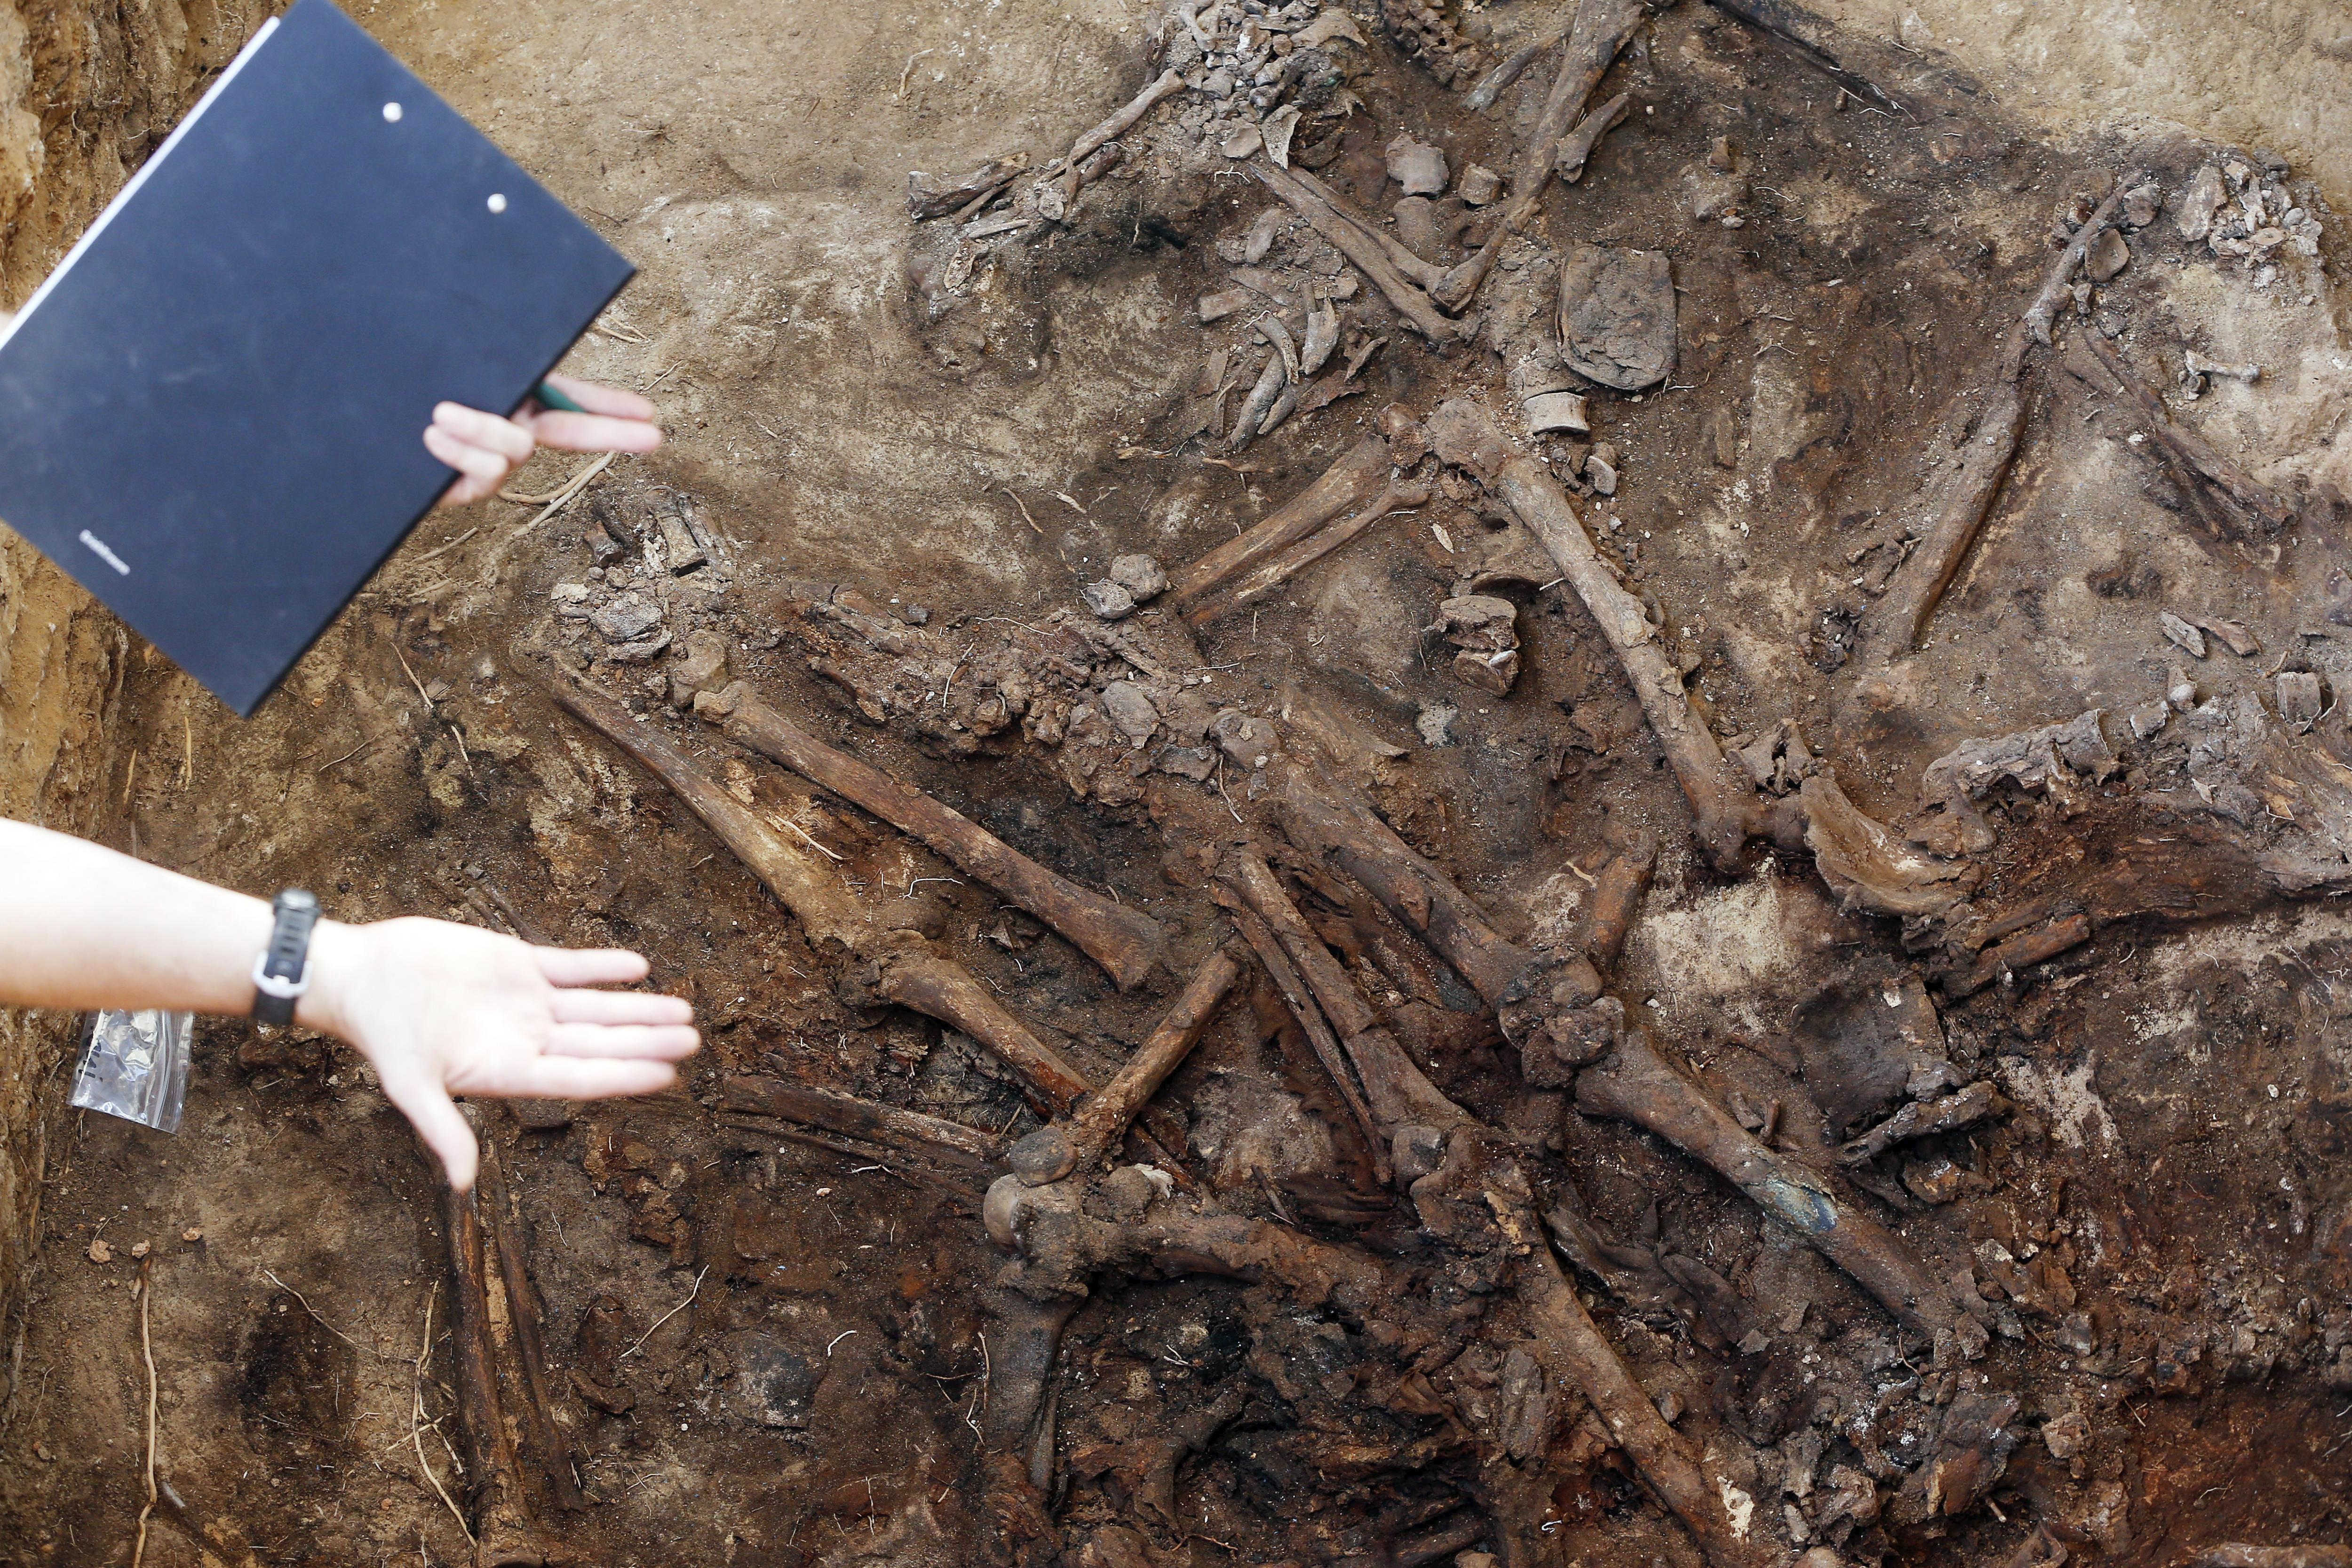 Un tècnic assenyala part de les restes òssies trobades en la fossa 113 del cementiri de Paterna, on tenen lloc els treballs d'excavació i exhumació d'una de les fosses més grans d'Espanya amb represaliats del franquisme. /KAI FÖRSTERLING